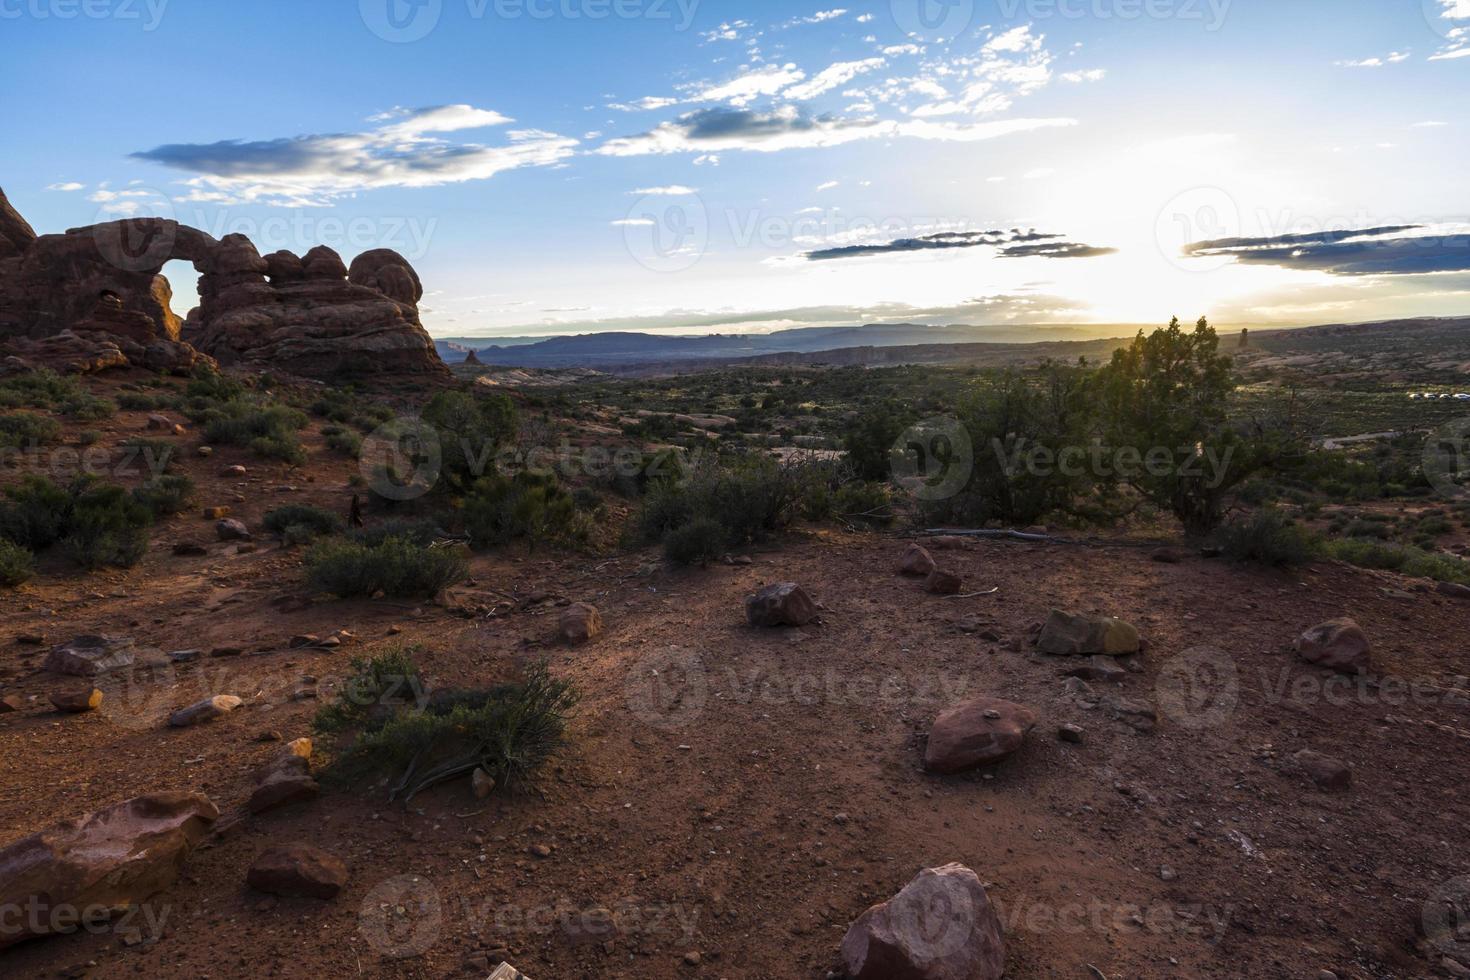 archi np paesaggio desertico in utah foto